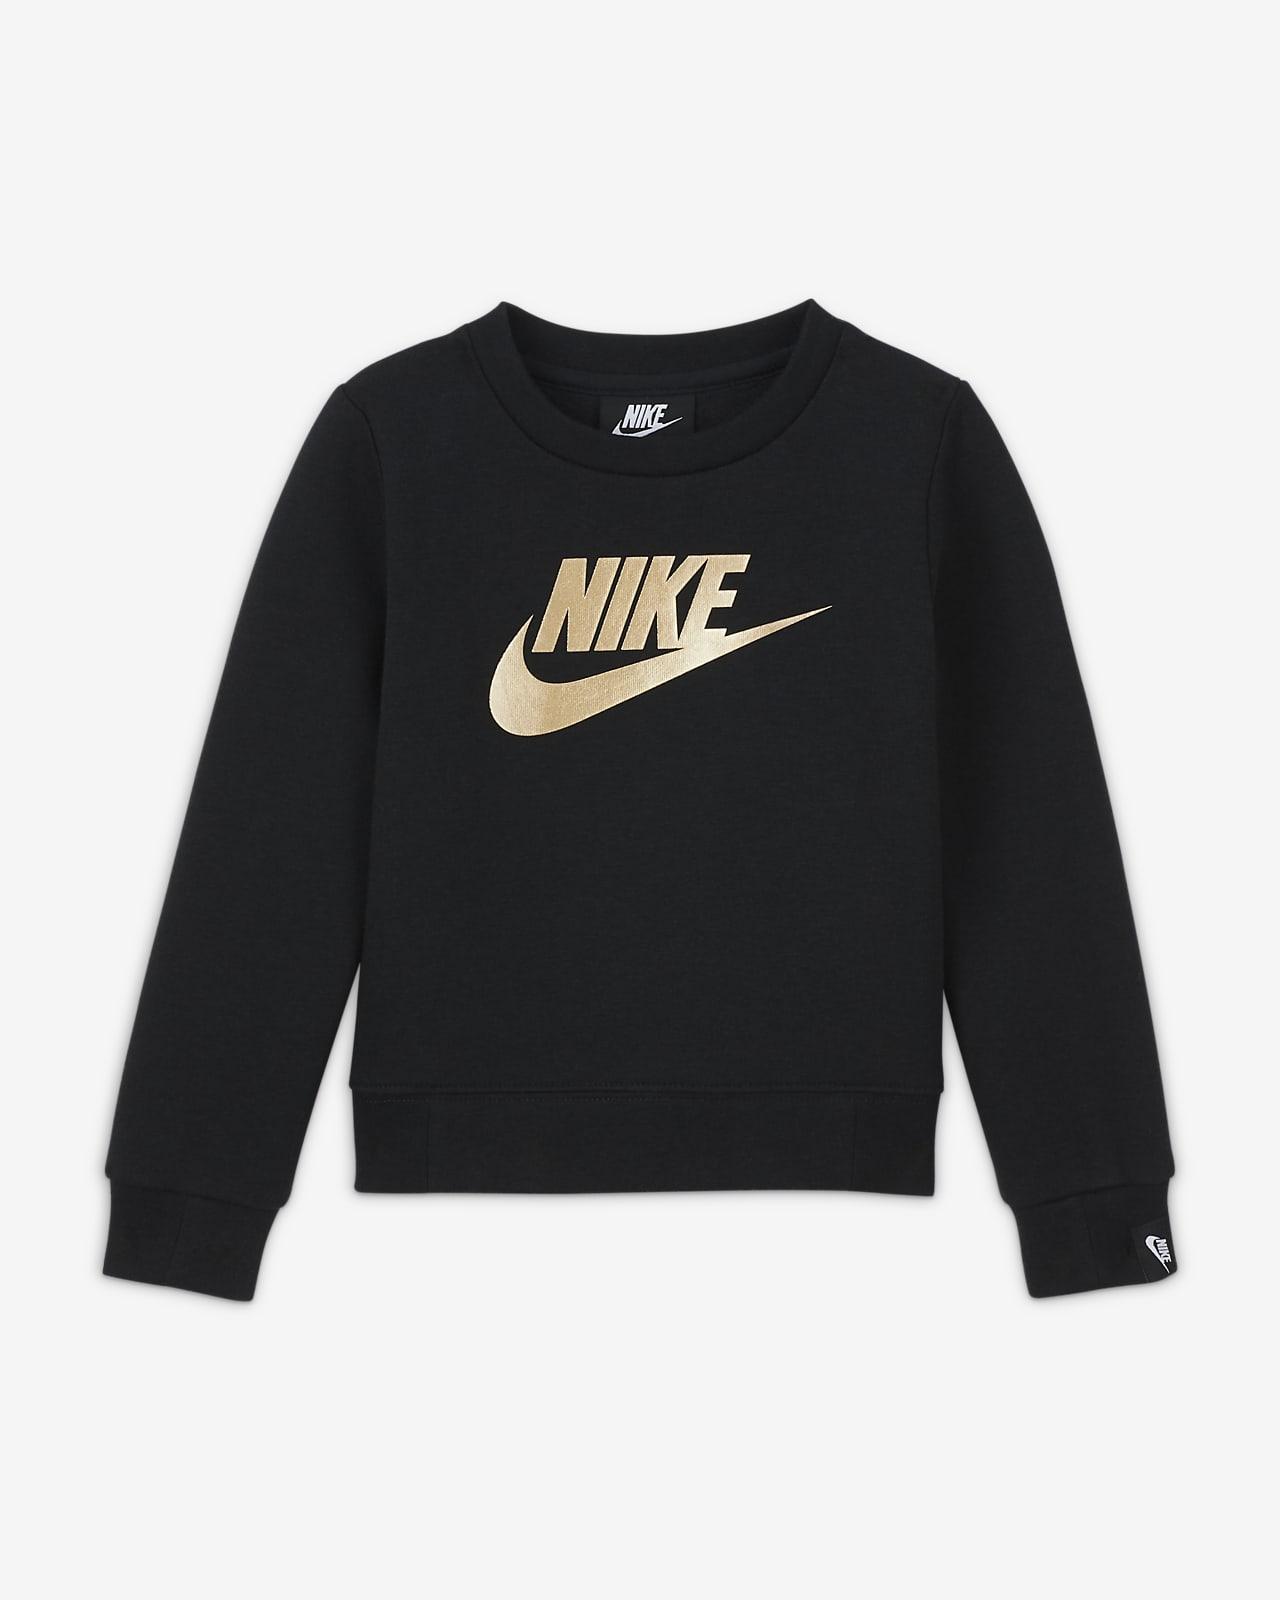 Nike Toddler Crew